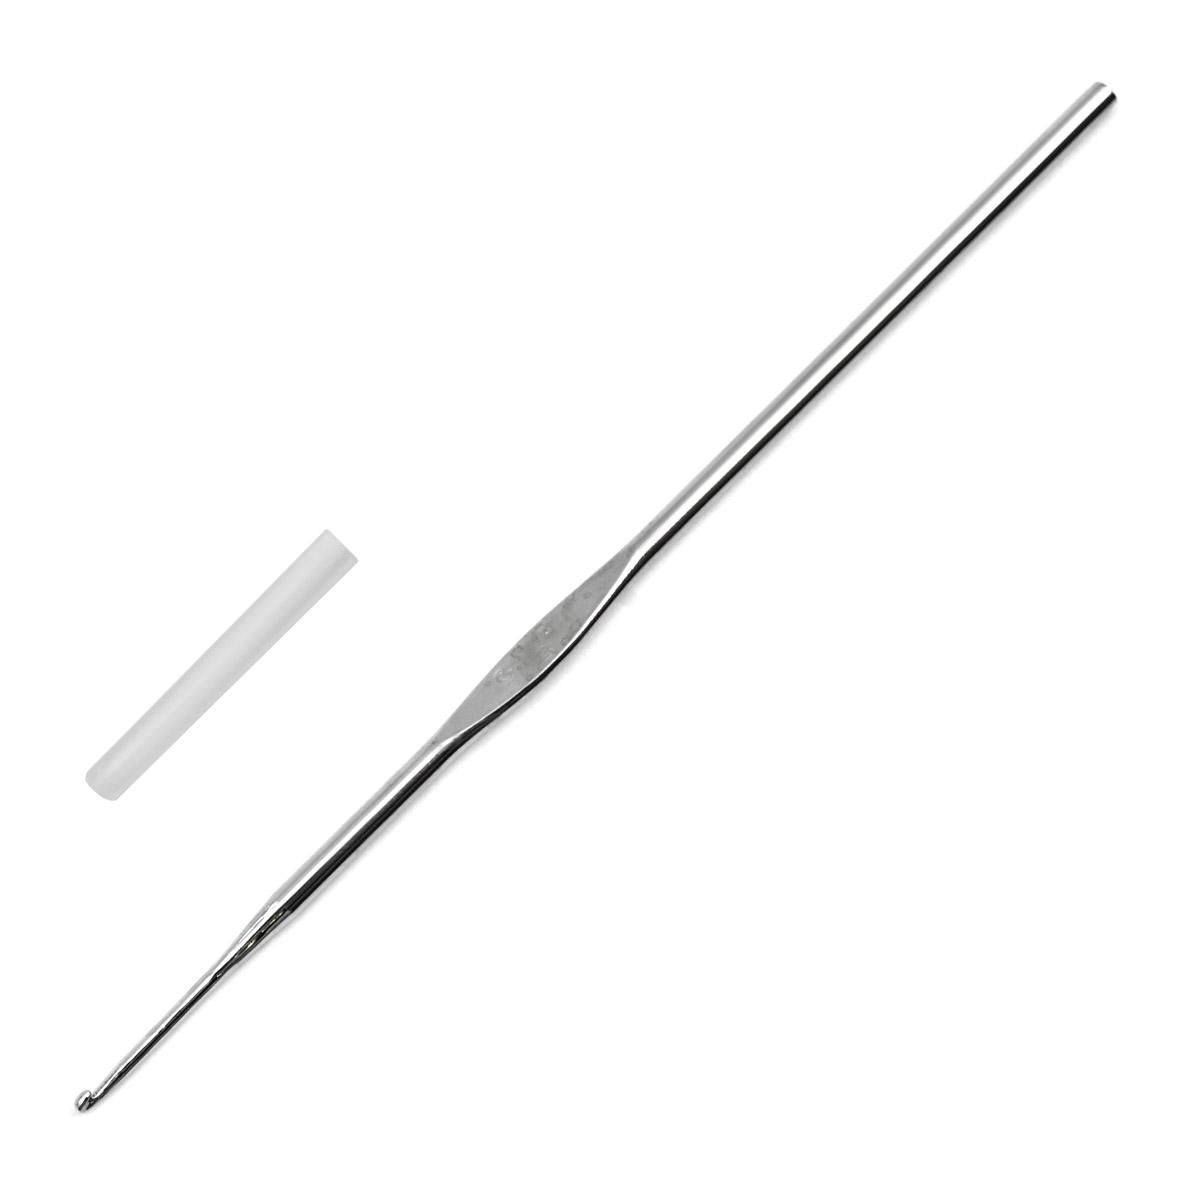 0333-6050 Крючок вязальный, 1,3 мм, упак./12 шт.